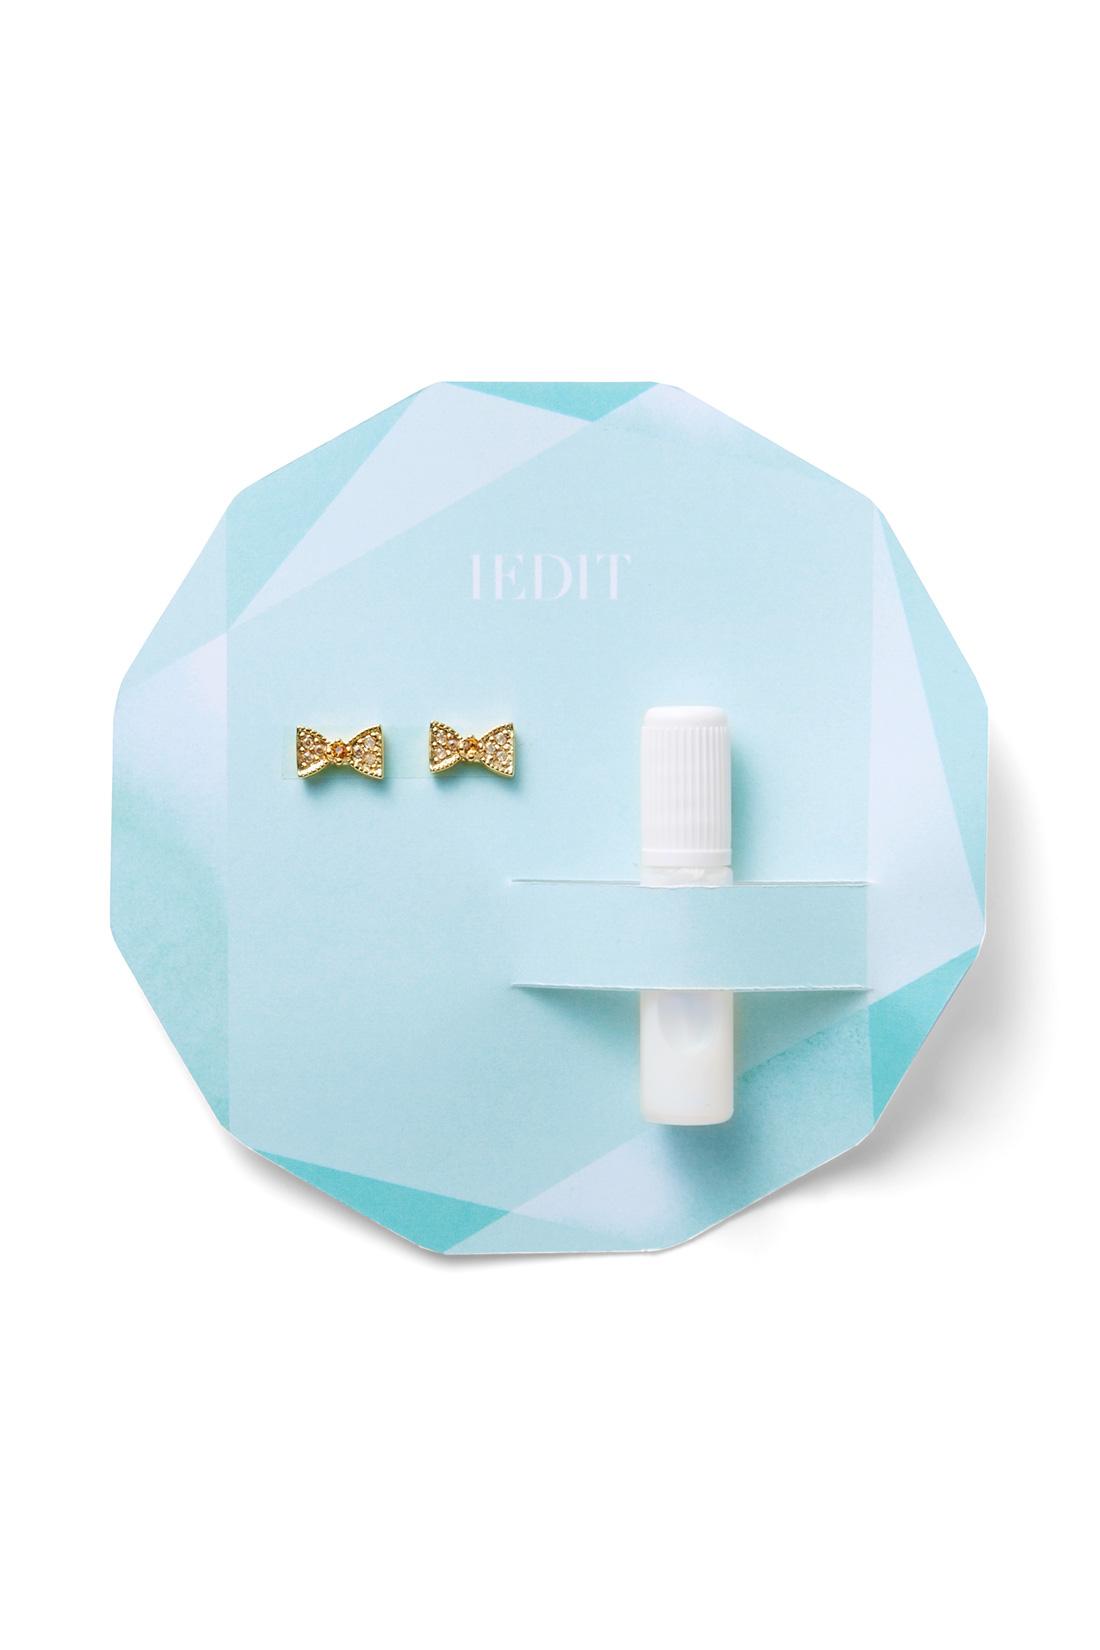 グルー(接着剤)入りのお届けセットは宝石のようなデザイン台紙付きで気分もアップ。